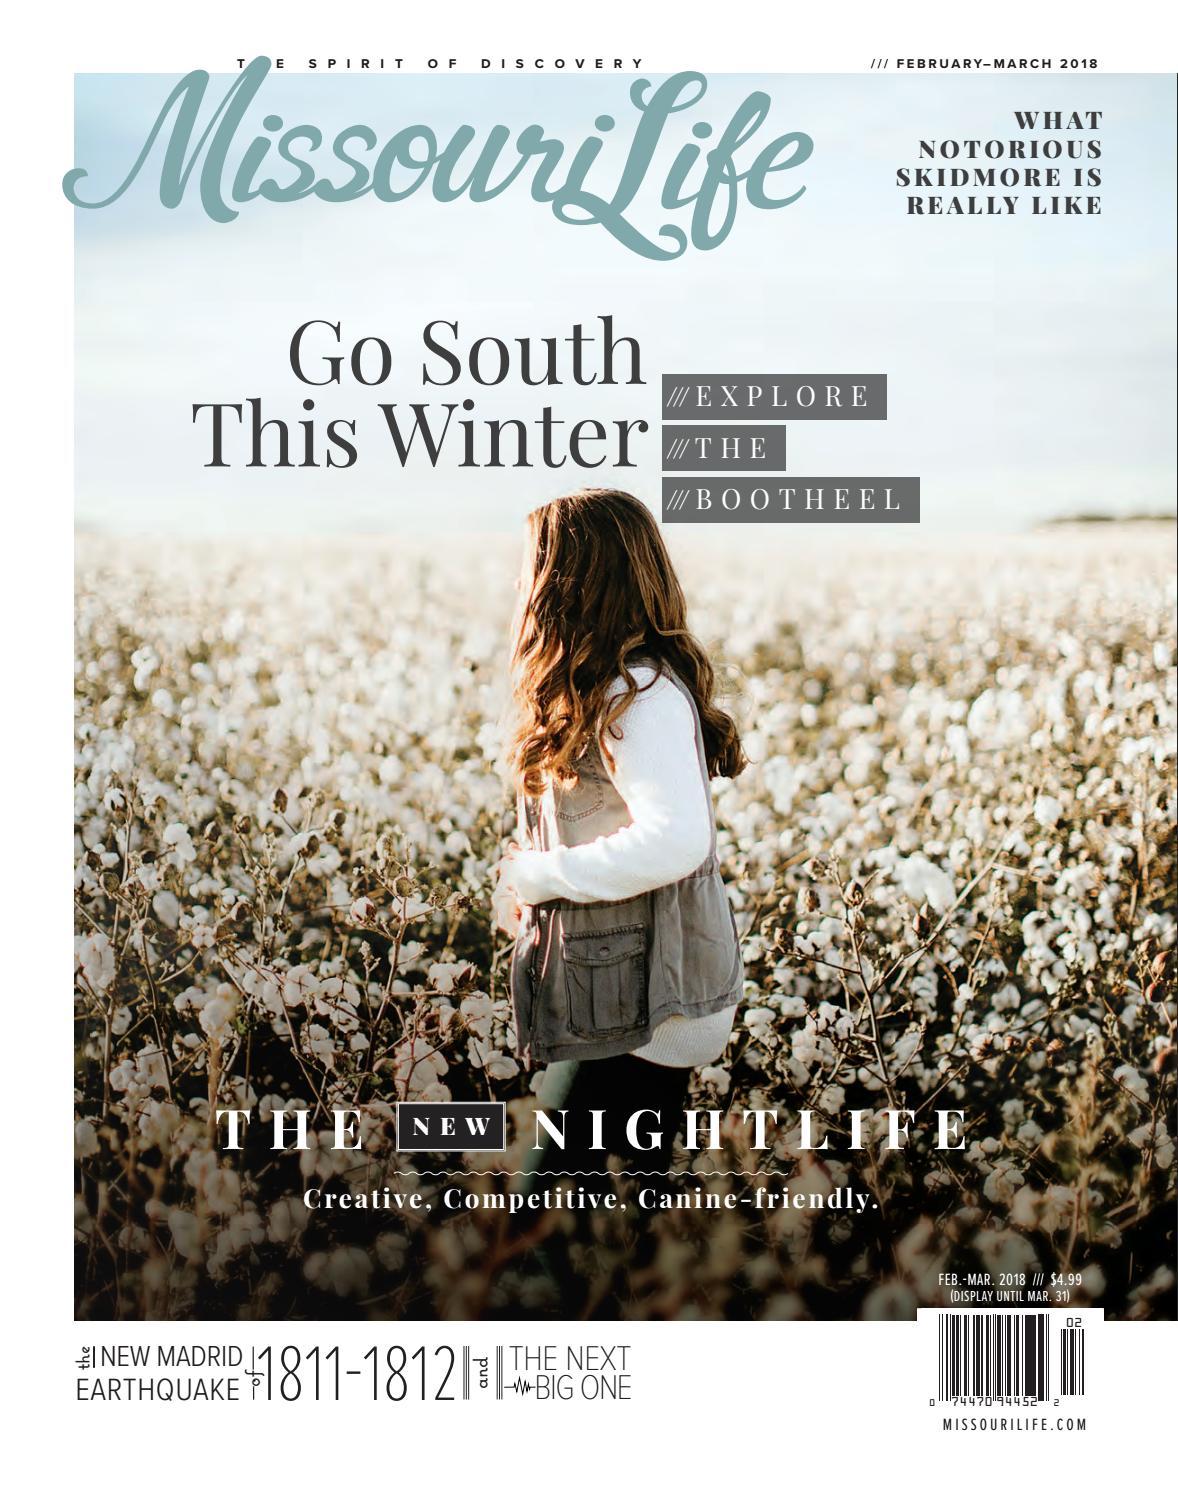 Missouri life magazine februarymarch 2018 by missouri life magazine missouri life magazine februarymarch 2018 by missouri life magazine issuu fandeluxe Choice Image